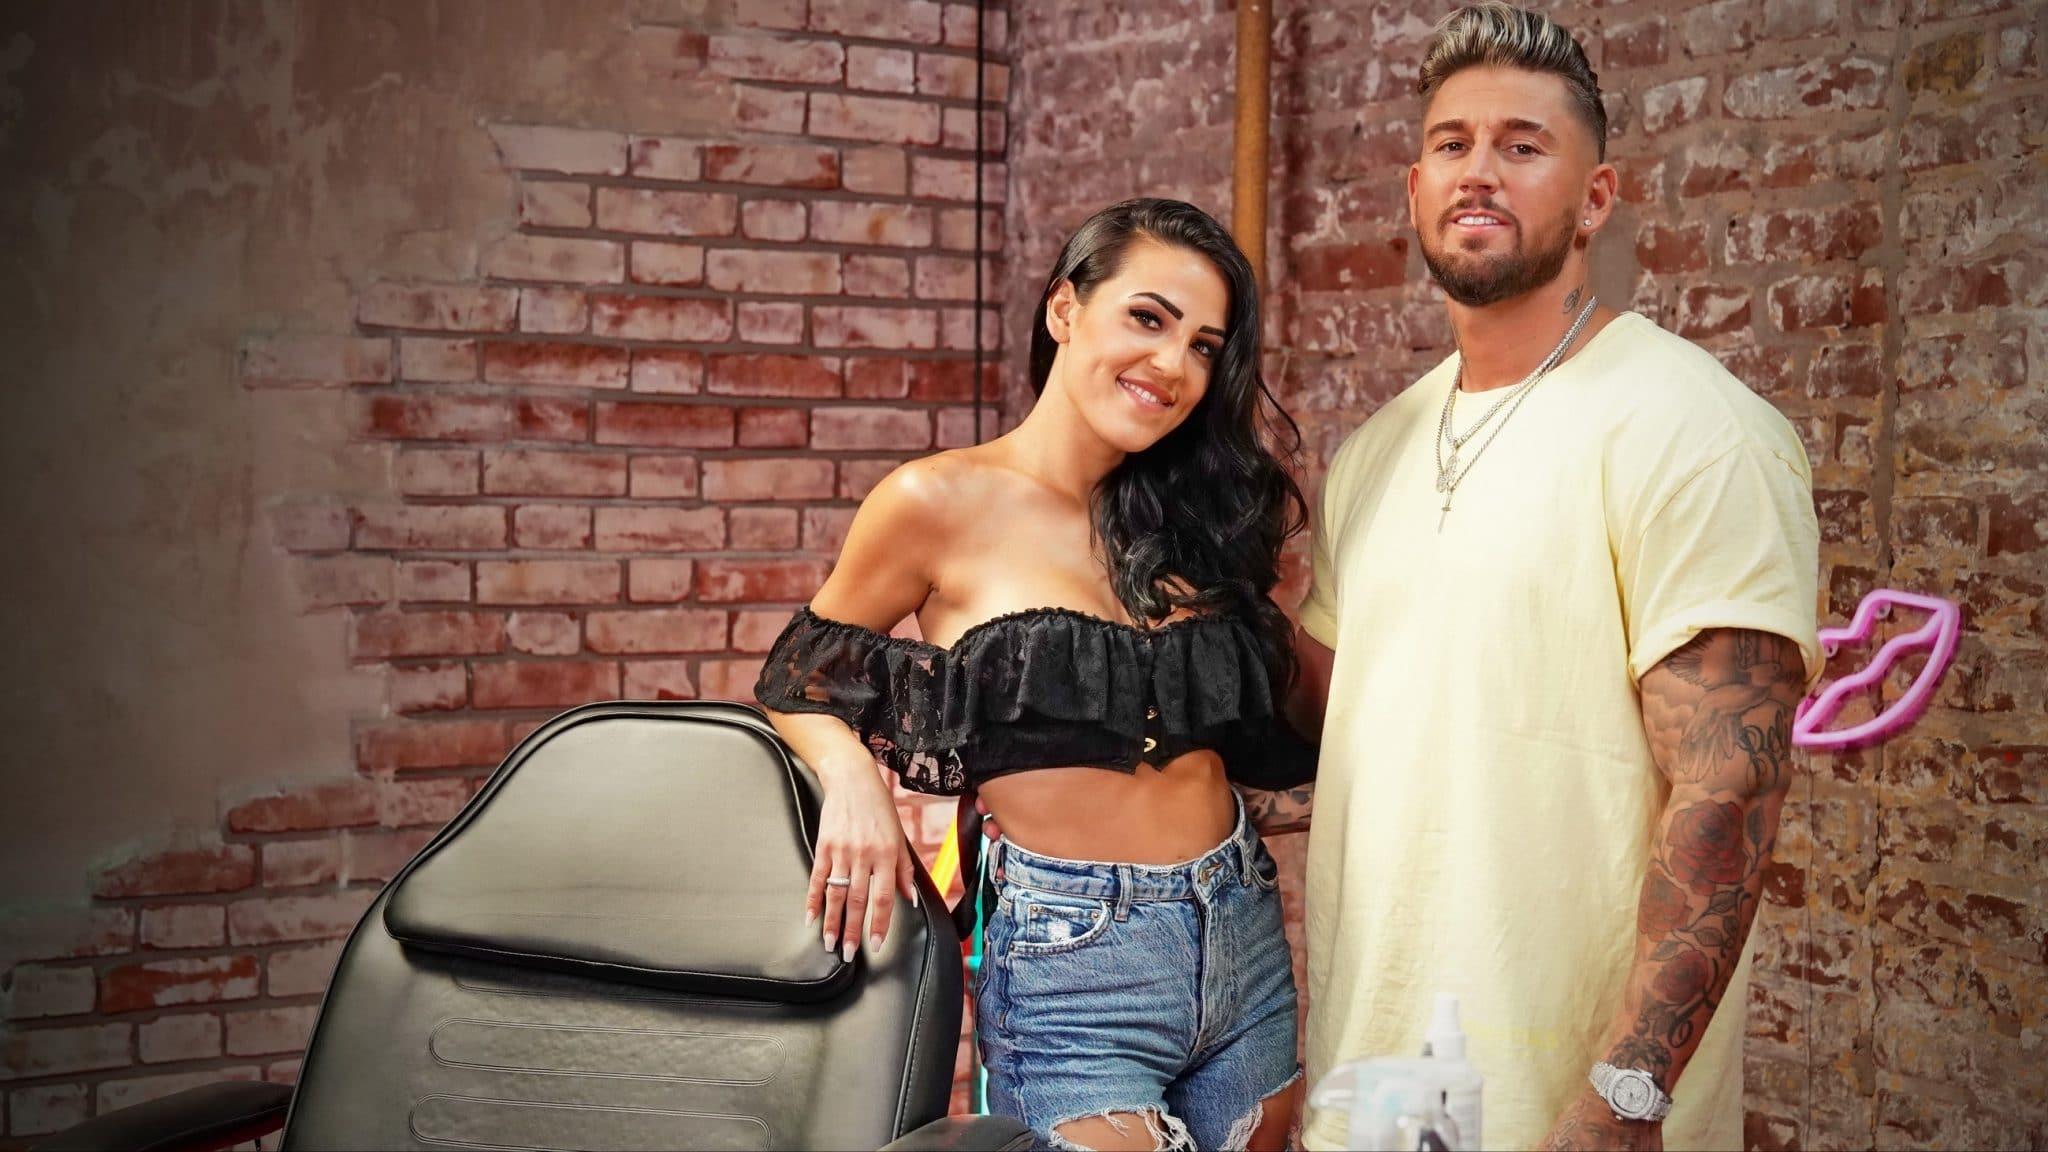 Elena Miras äußert sich zur Trennung von Mike Heiter